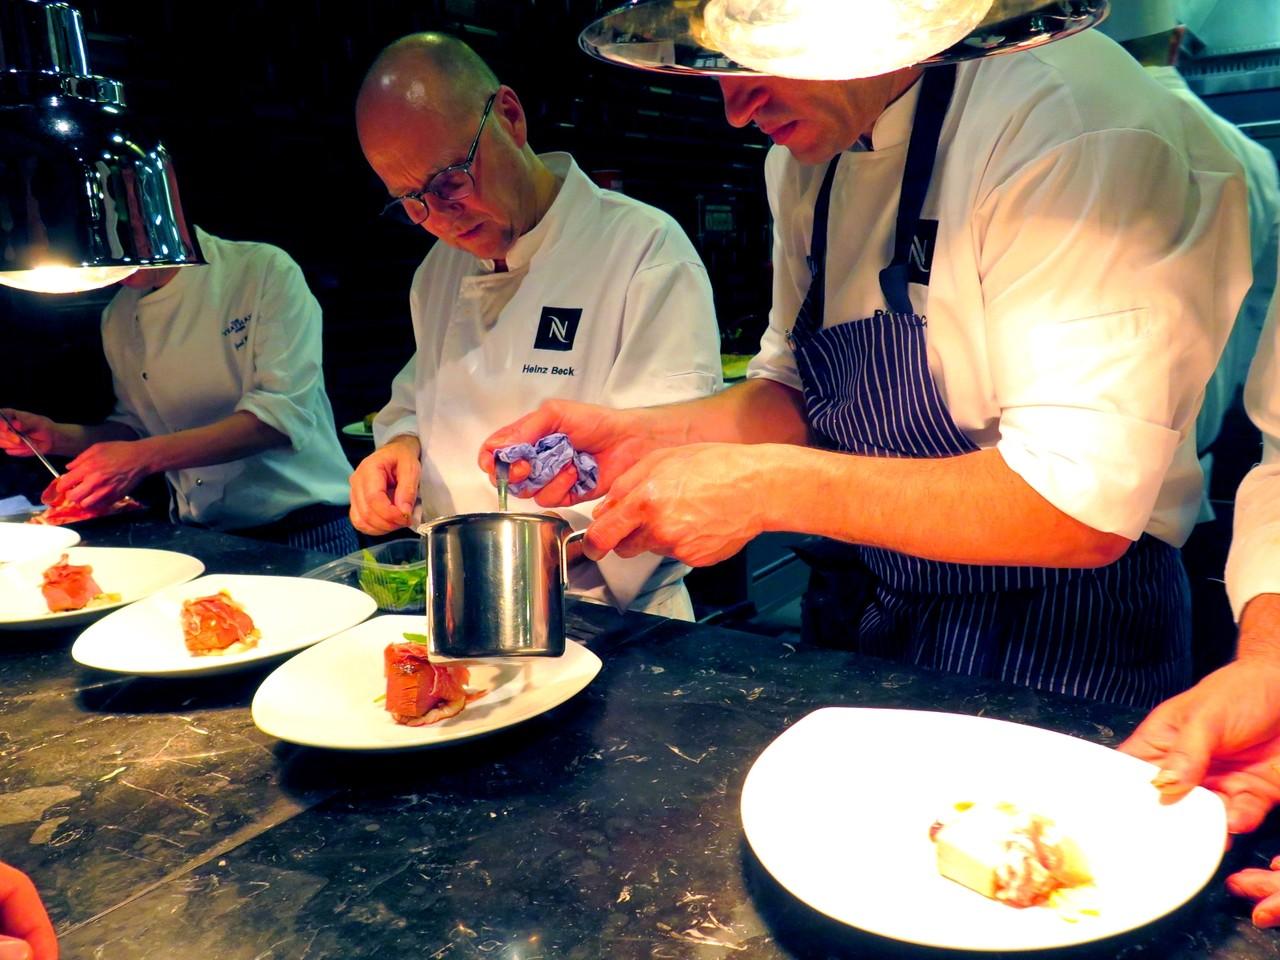 Heinz Beck empratando as folhas… depois de Ricardo Costa servir o molho de feijoada